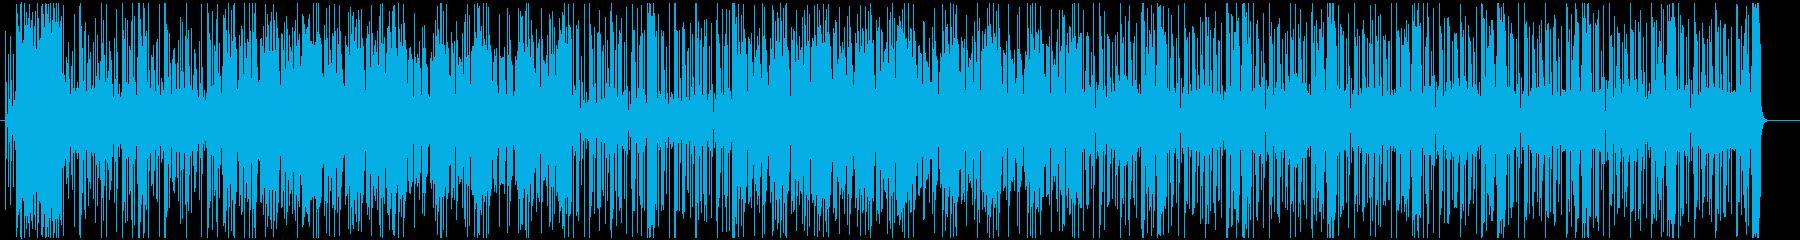 クールなオープニングに!70sファンク調の再生済みの波形